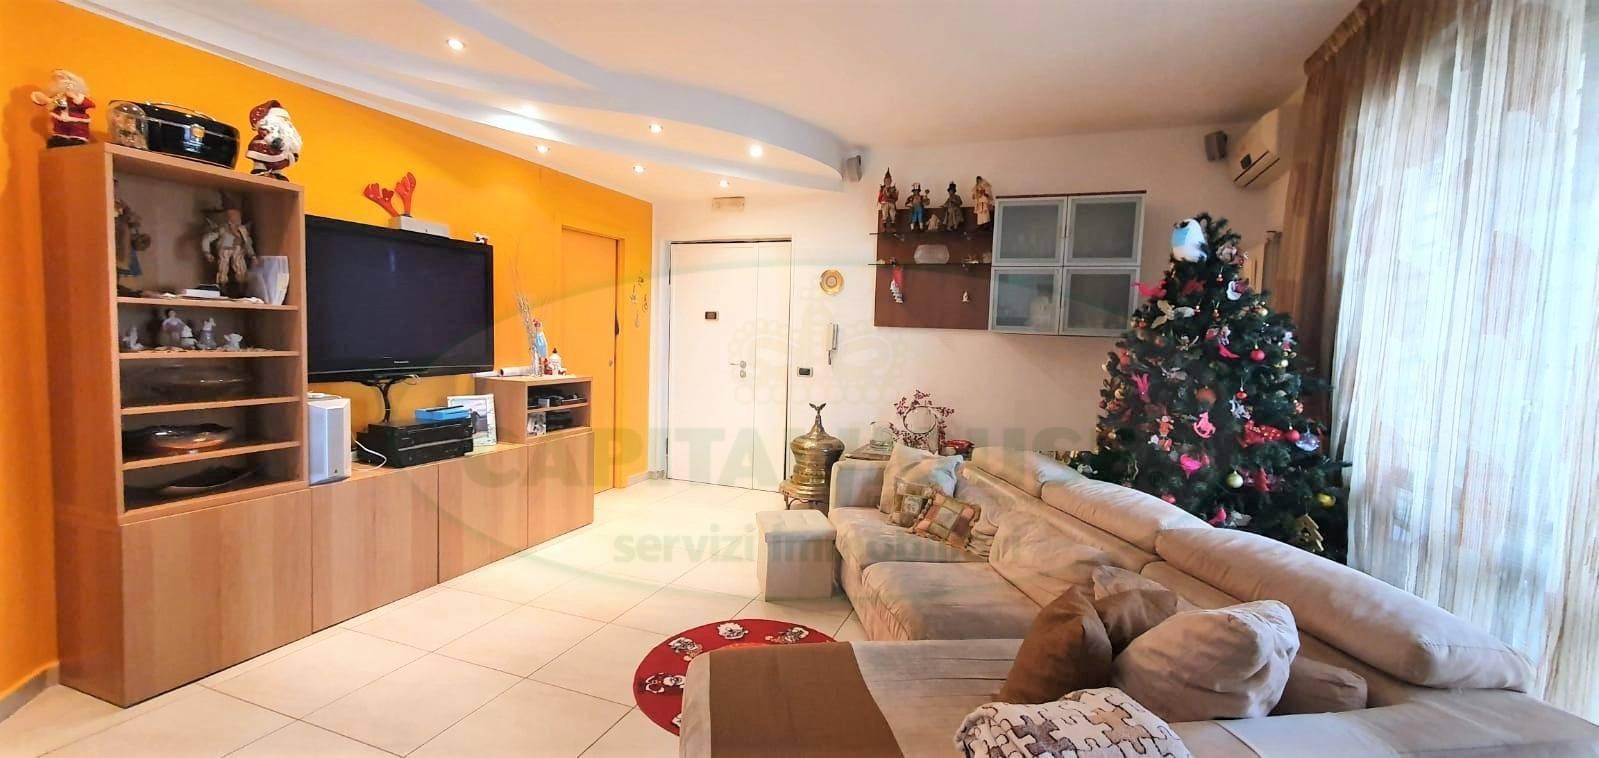 Appartamento in vendita a Caserta, 4 locali, zona Località: Acquaviva, prezzo € 185.000 | PortaleAgenzieImmobiliari.it